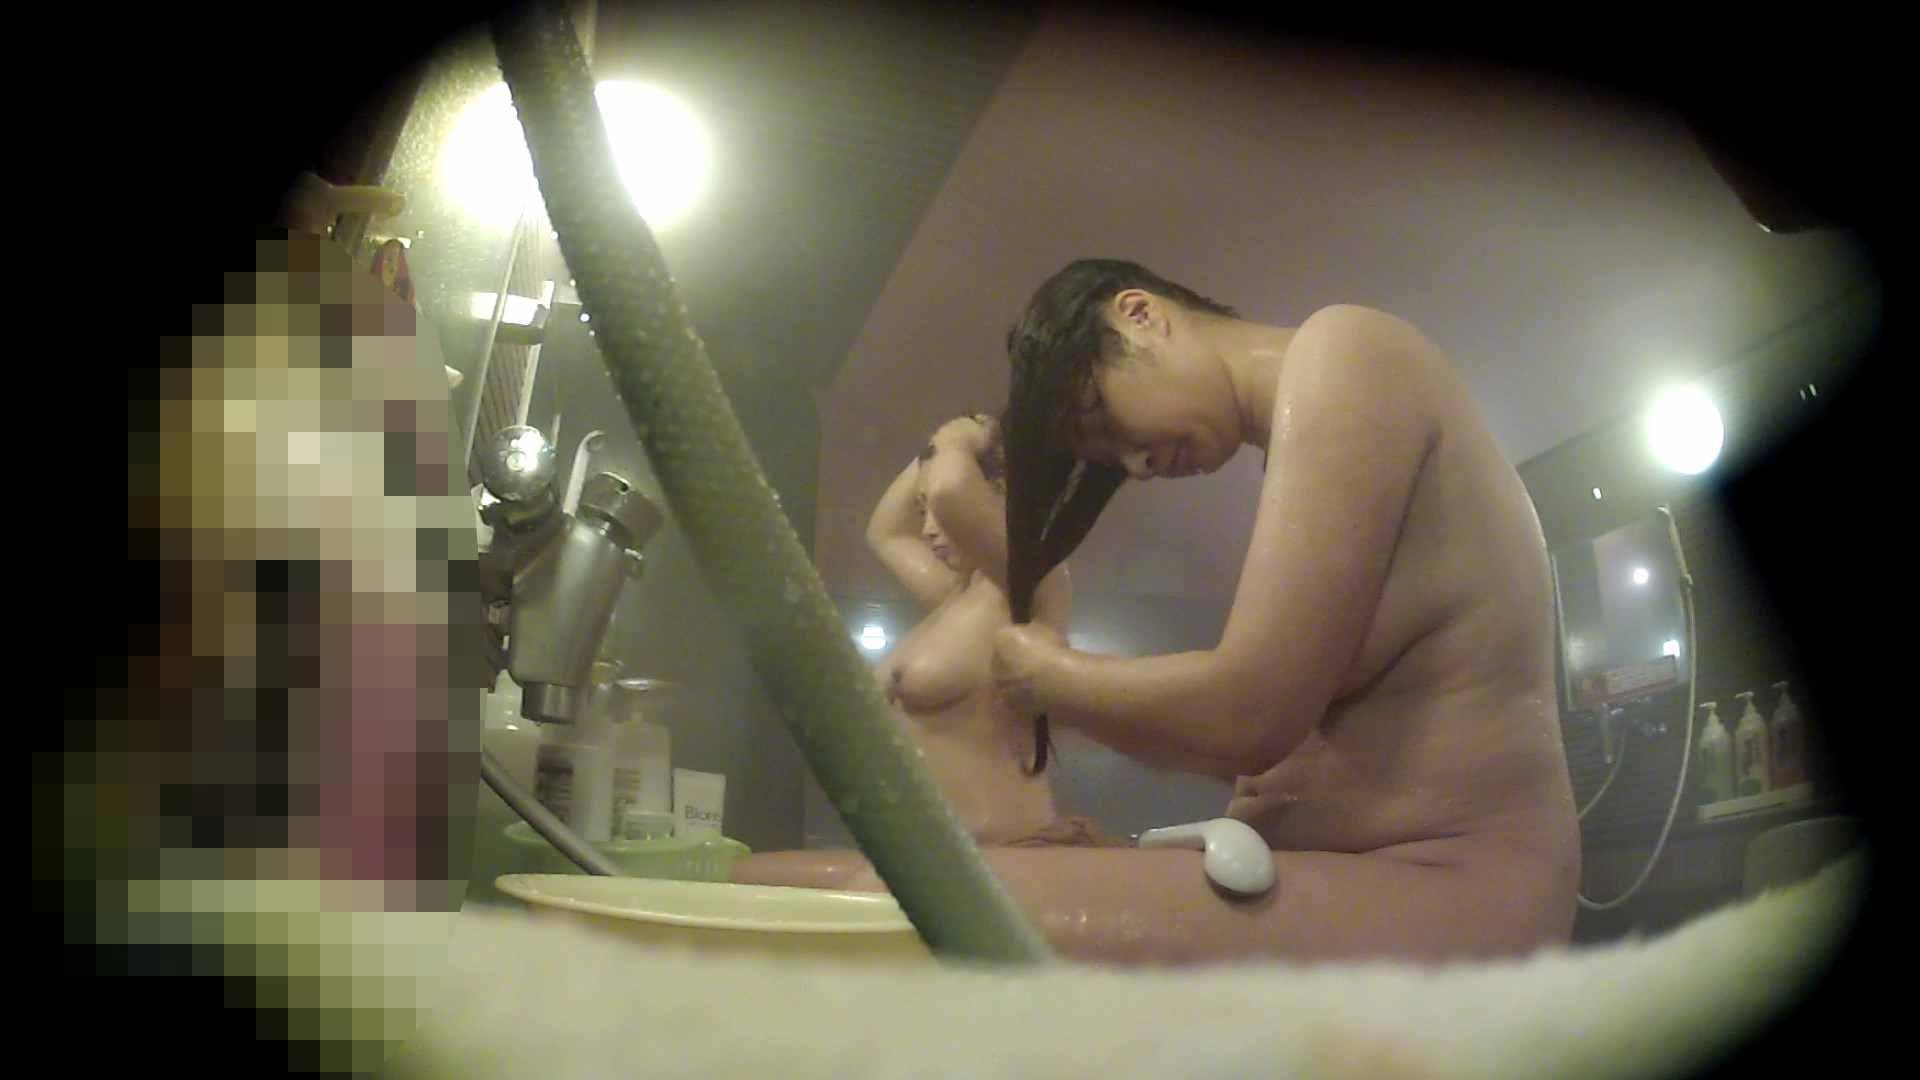 ハイビジョン 洗い場!豊満な乳が大地へと・・・乳輪の大きさは人それぞれ  62枚